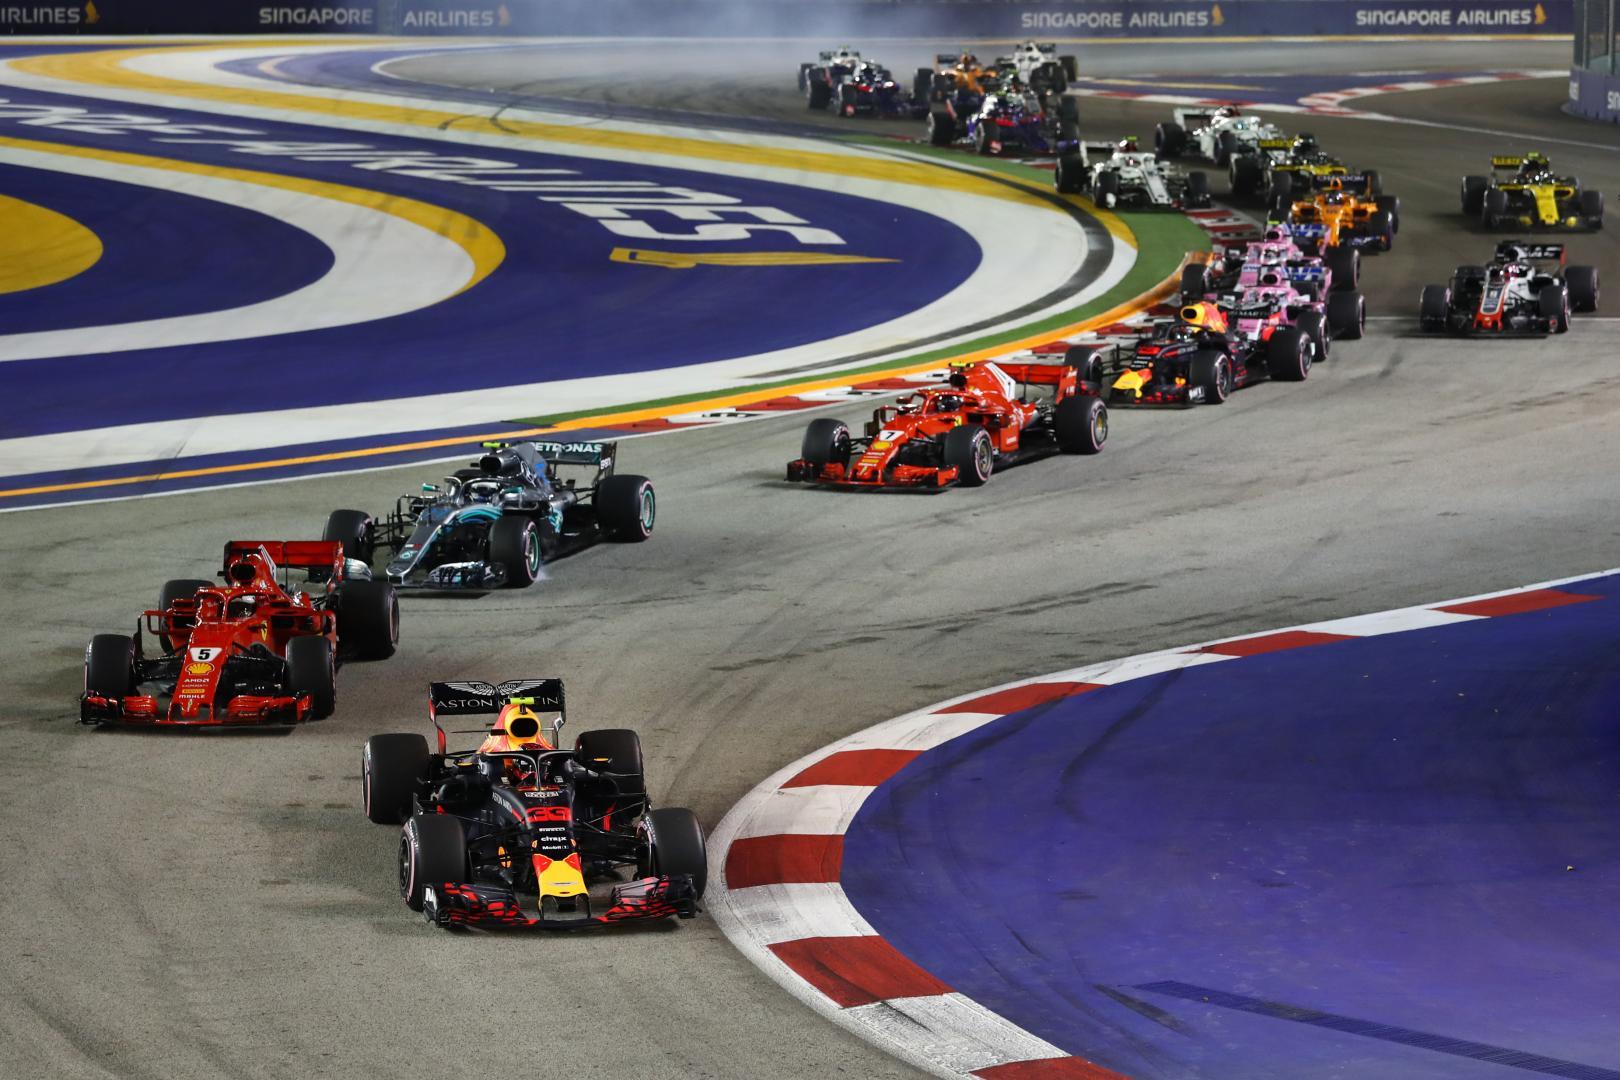 Uitslag van de GP van Singapore 2018